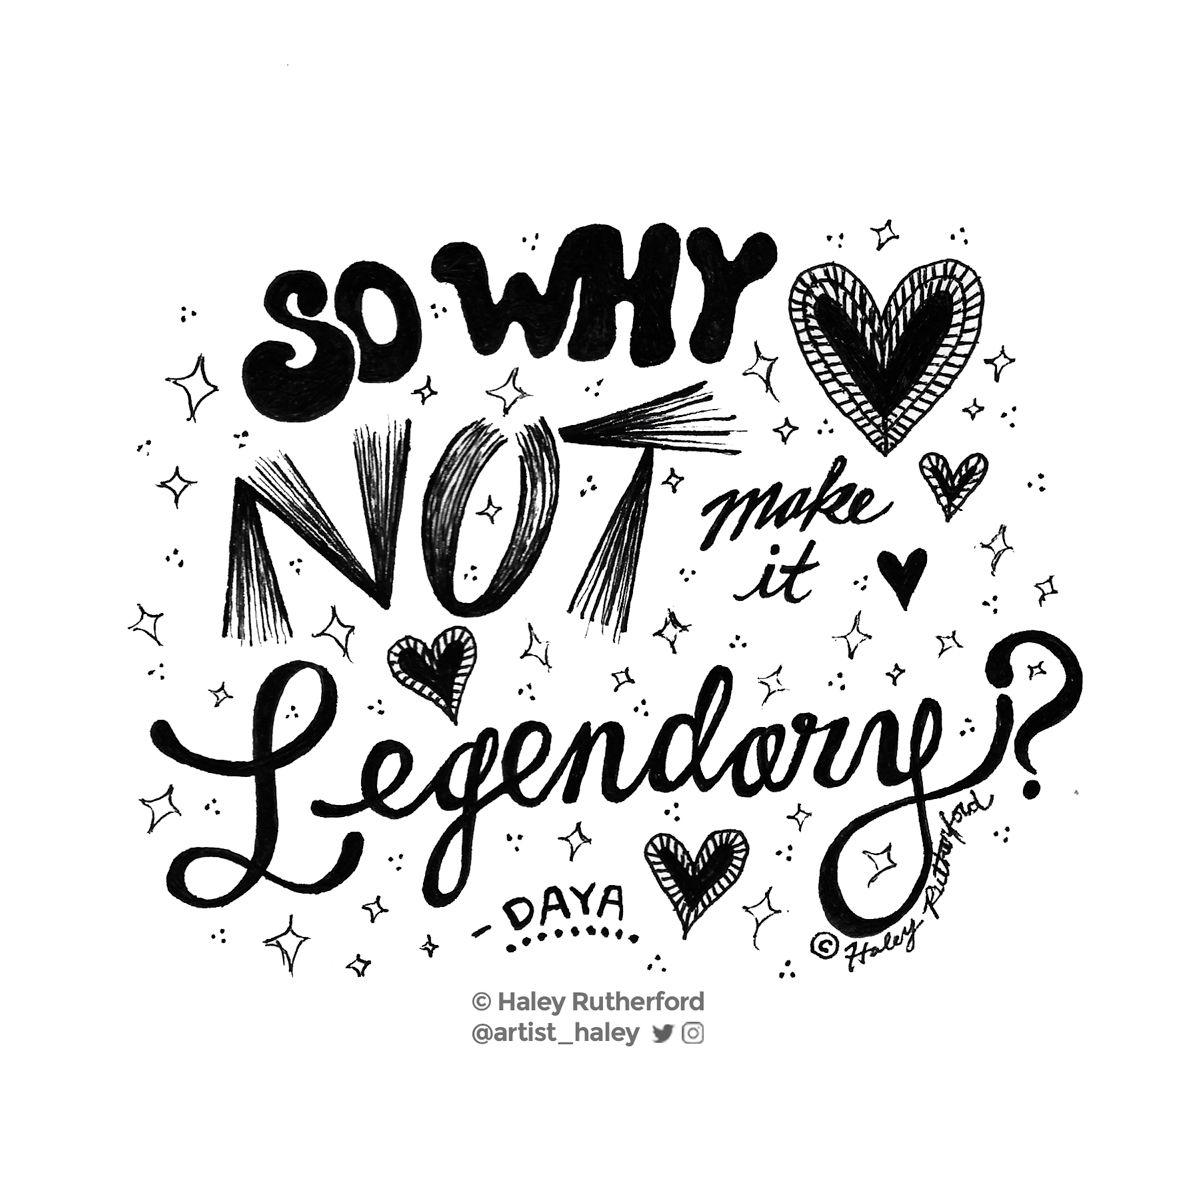 B Amp W Lyric Illustration Of Legendary By Daya